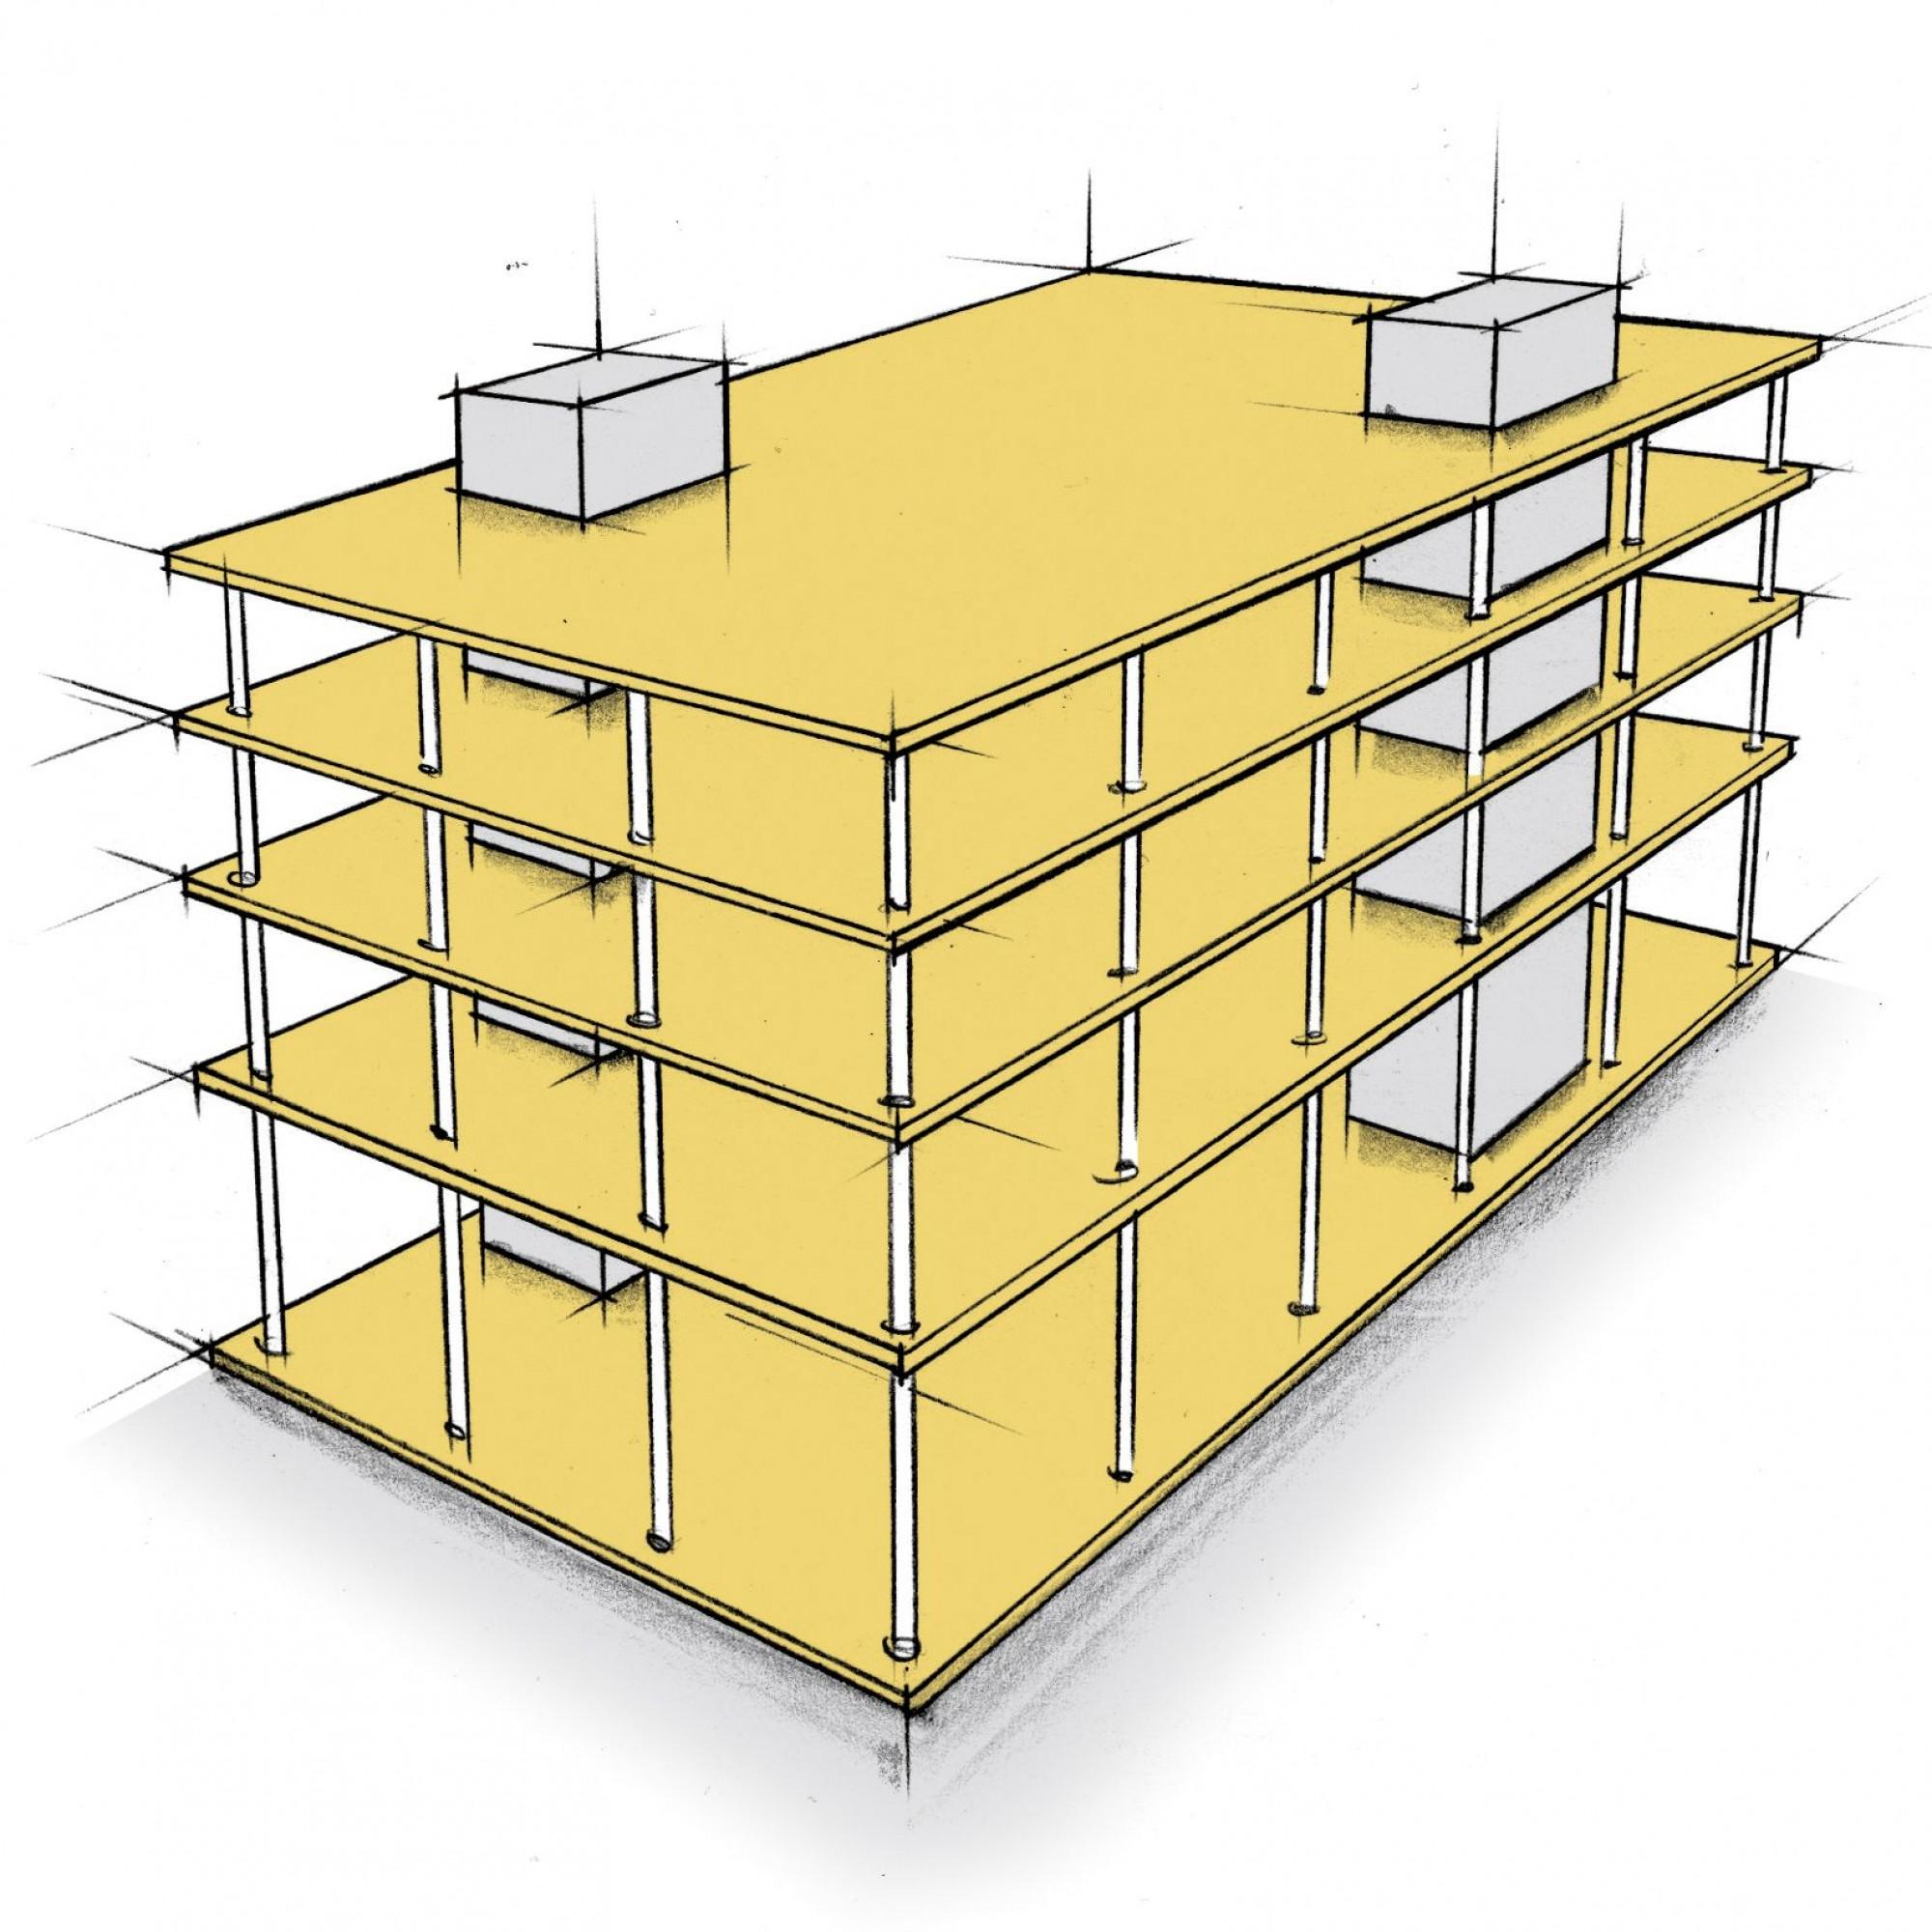 Die neuen Technologien ermöglichen es, flächig tragende Bauteile aus Holz für Geschossdecken zu bauen.